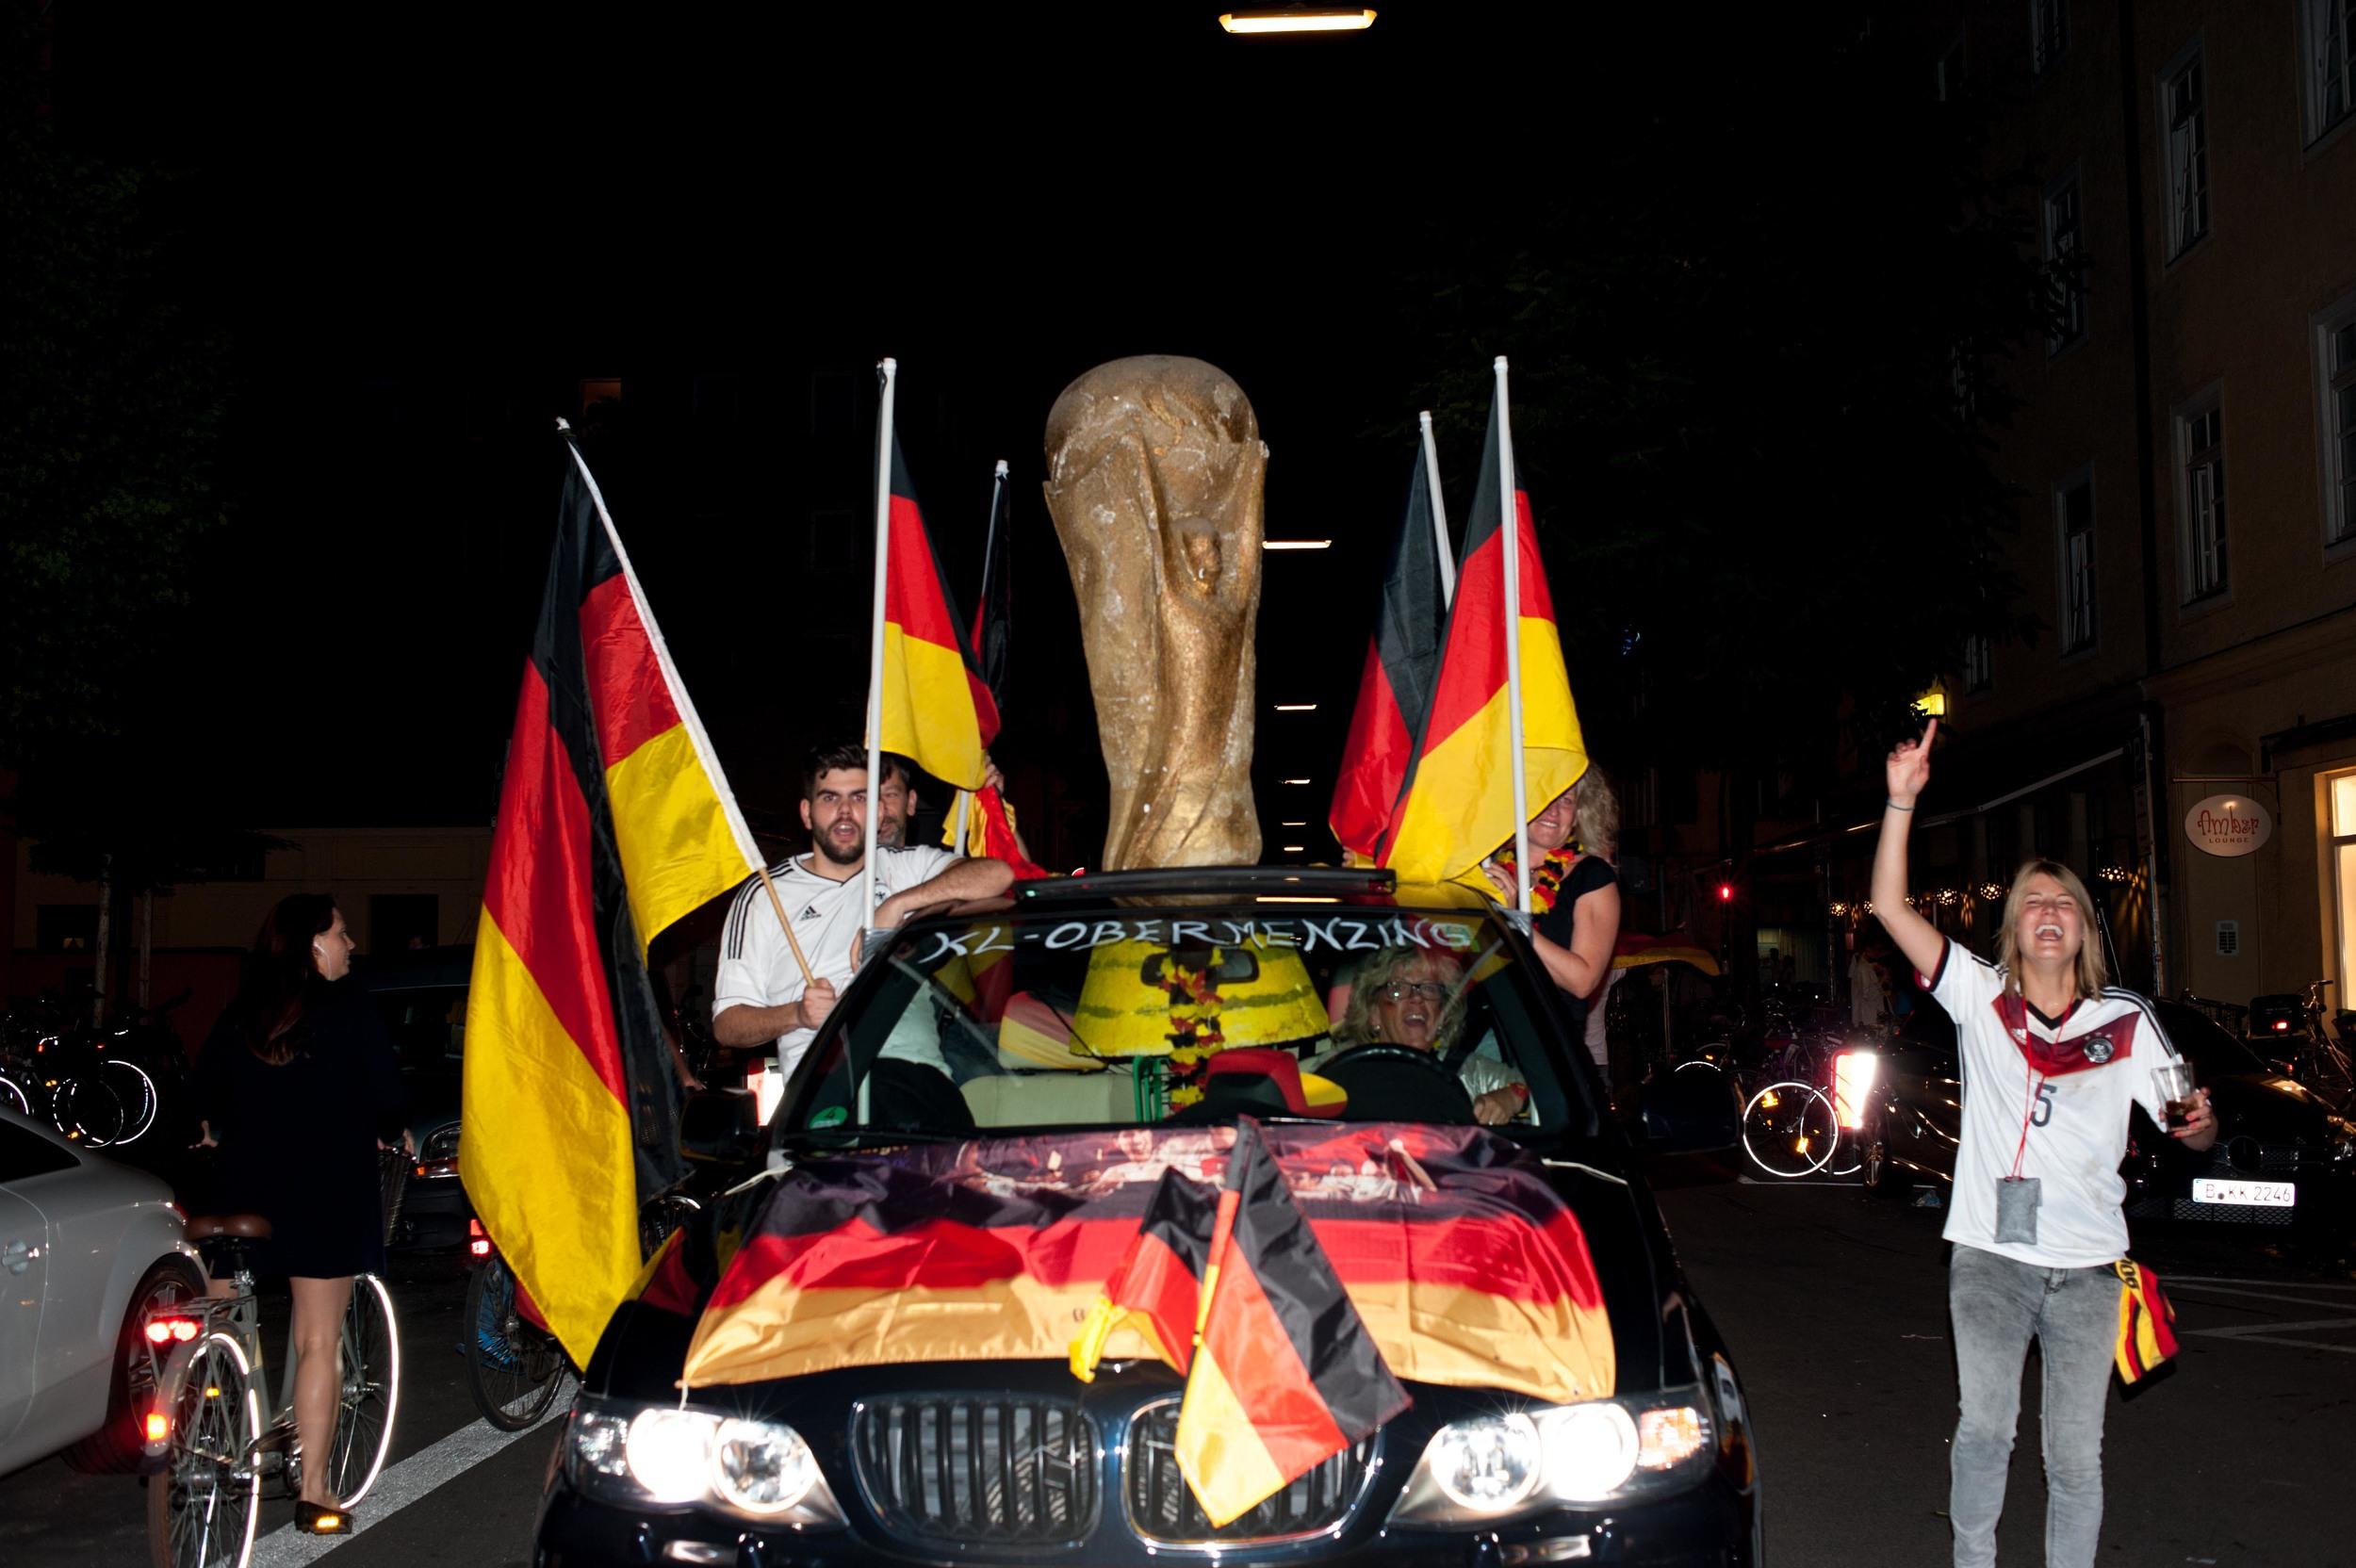 WM_Final_Munich_2014-12.jpg